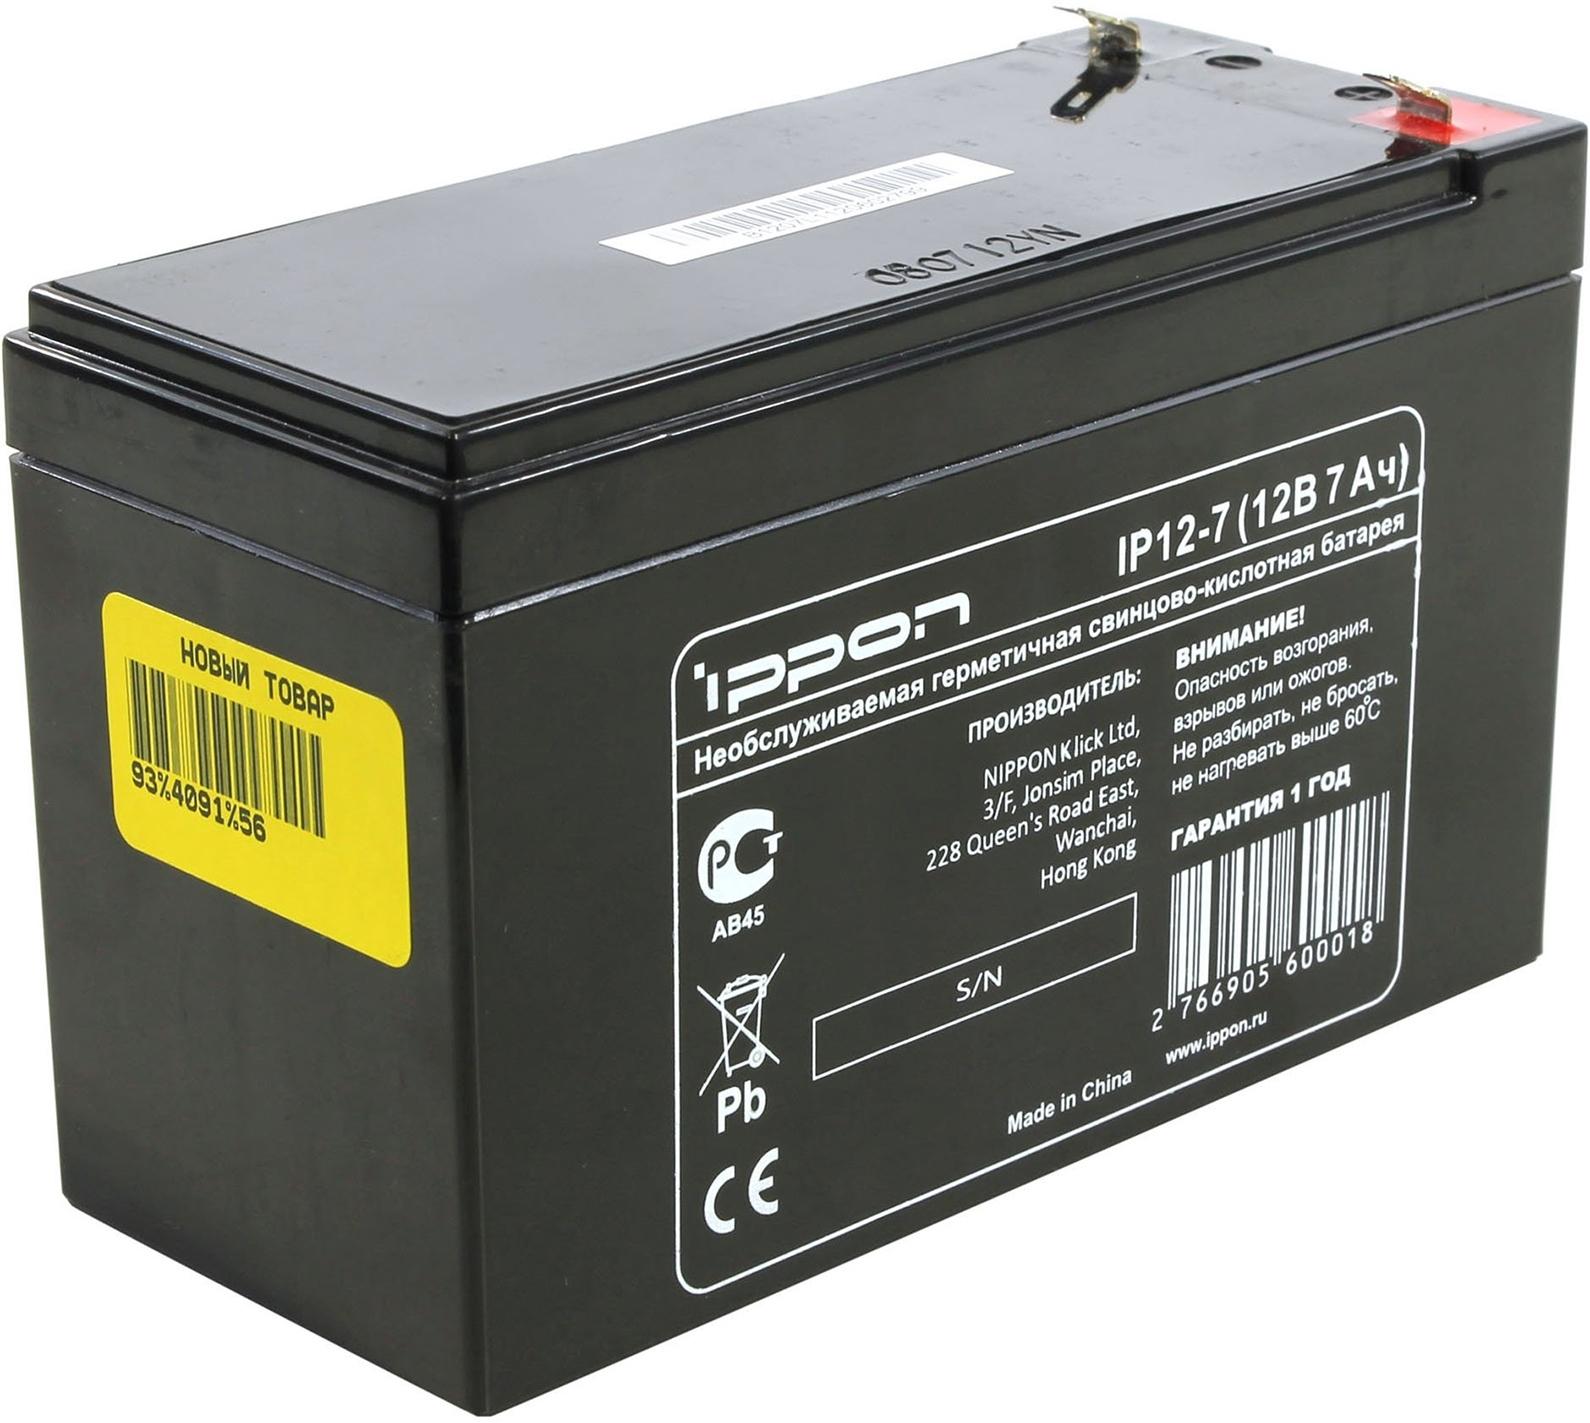 Батарея для ИБП Ippon IP12-7 - Источники бесперебойного питания (UPS)